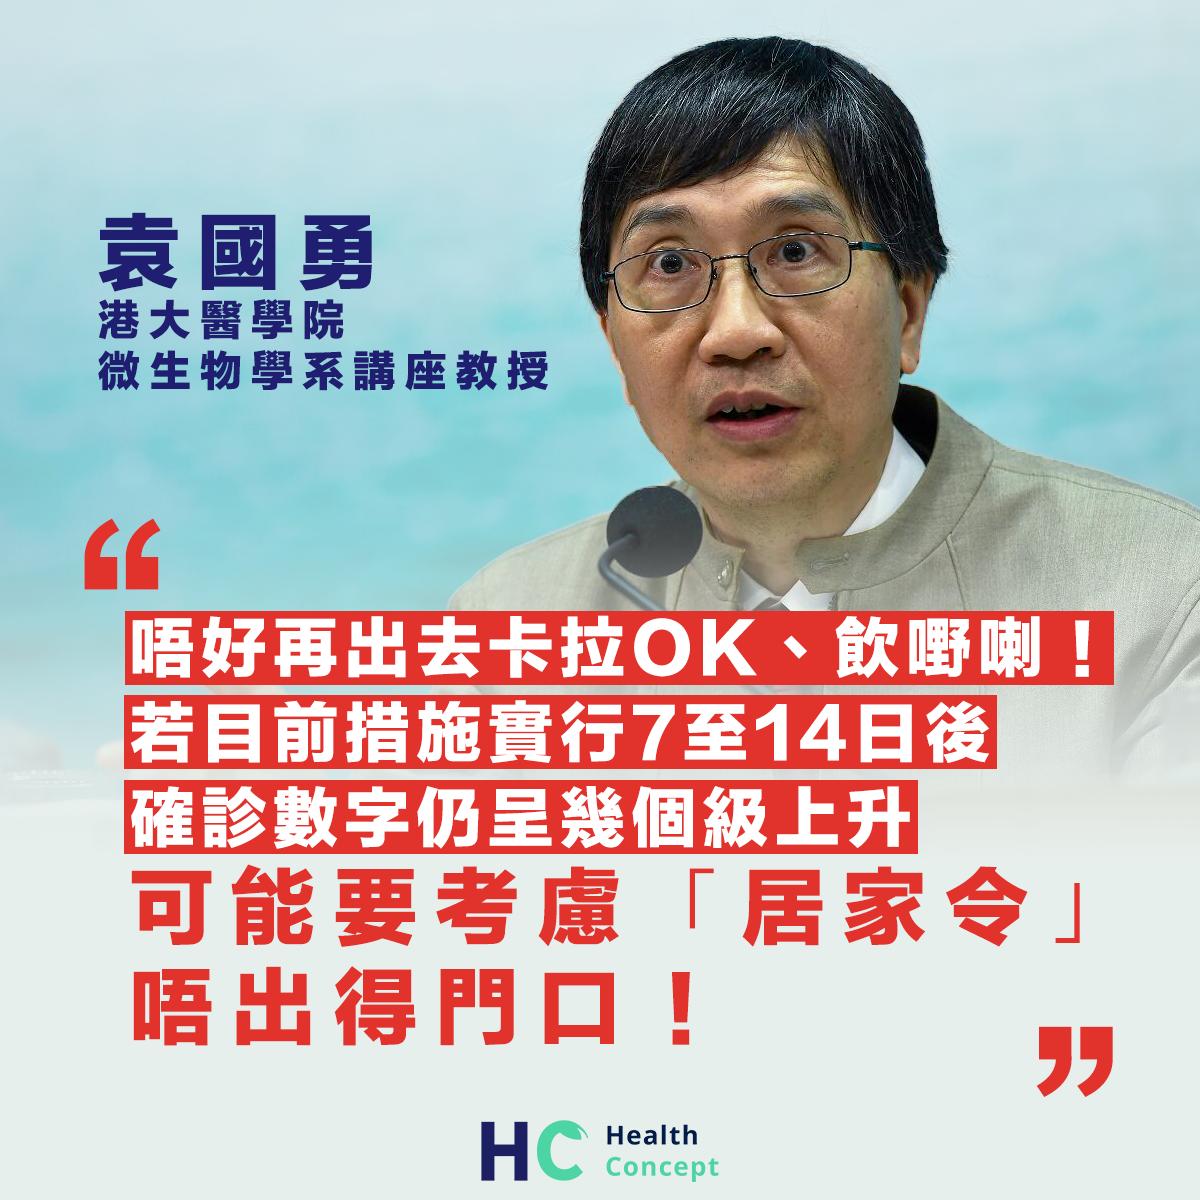 【#新型肺炎】袁國勇:兩周後確診仍幾何級上升 政府或需實施居家令